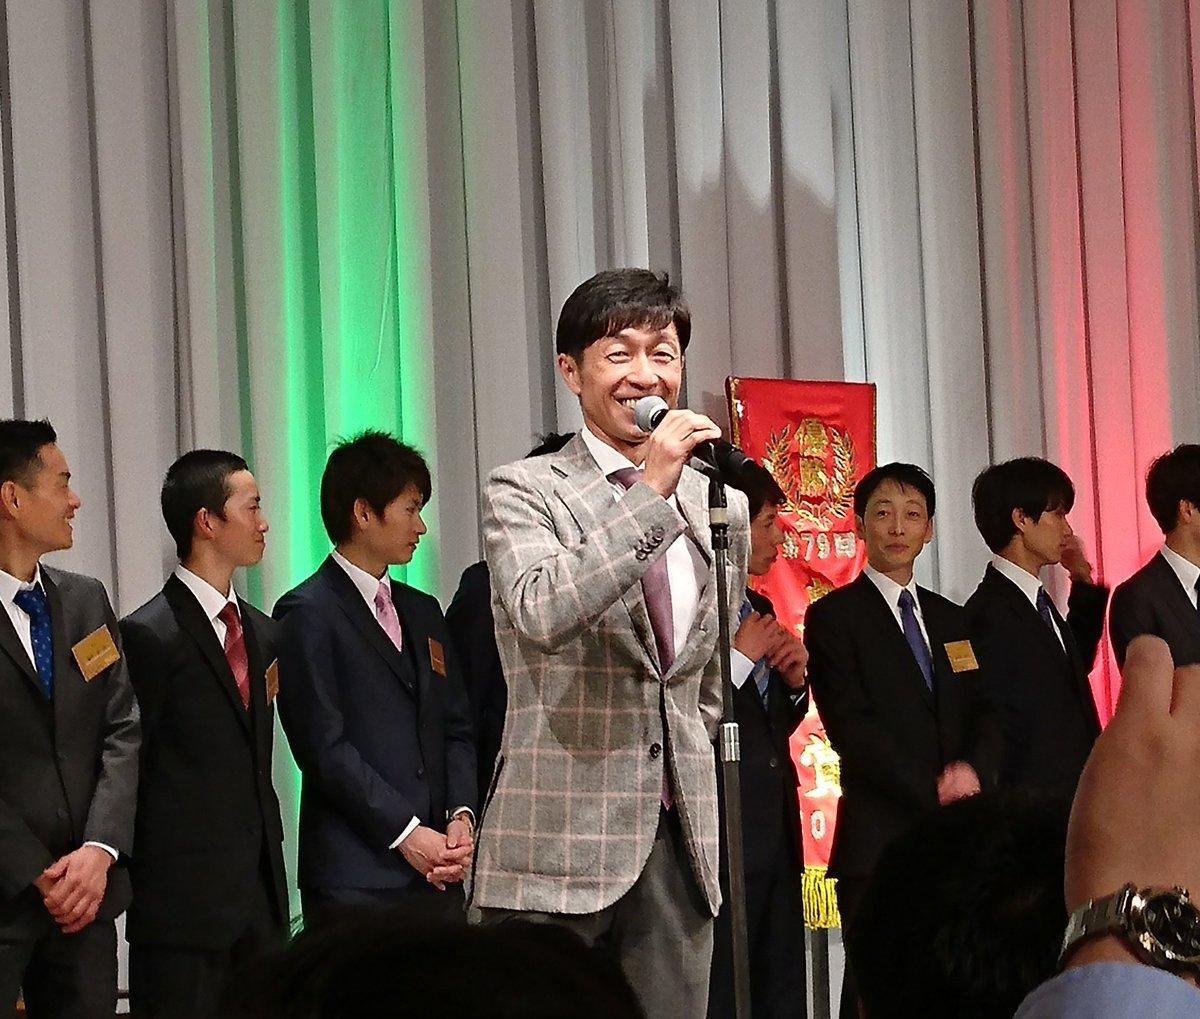 野球はアカンかった…  東京・品川で競馬のキャロットクラブてゆー クラブの一口馬主やってる友達 から招待されて ジョッキー交えての食事会🍴 武豊撮れた(´・∀・`)  なかなか貴重やな✨